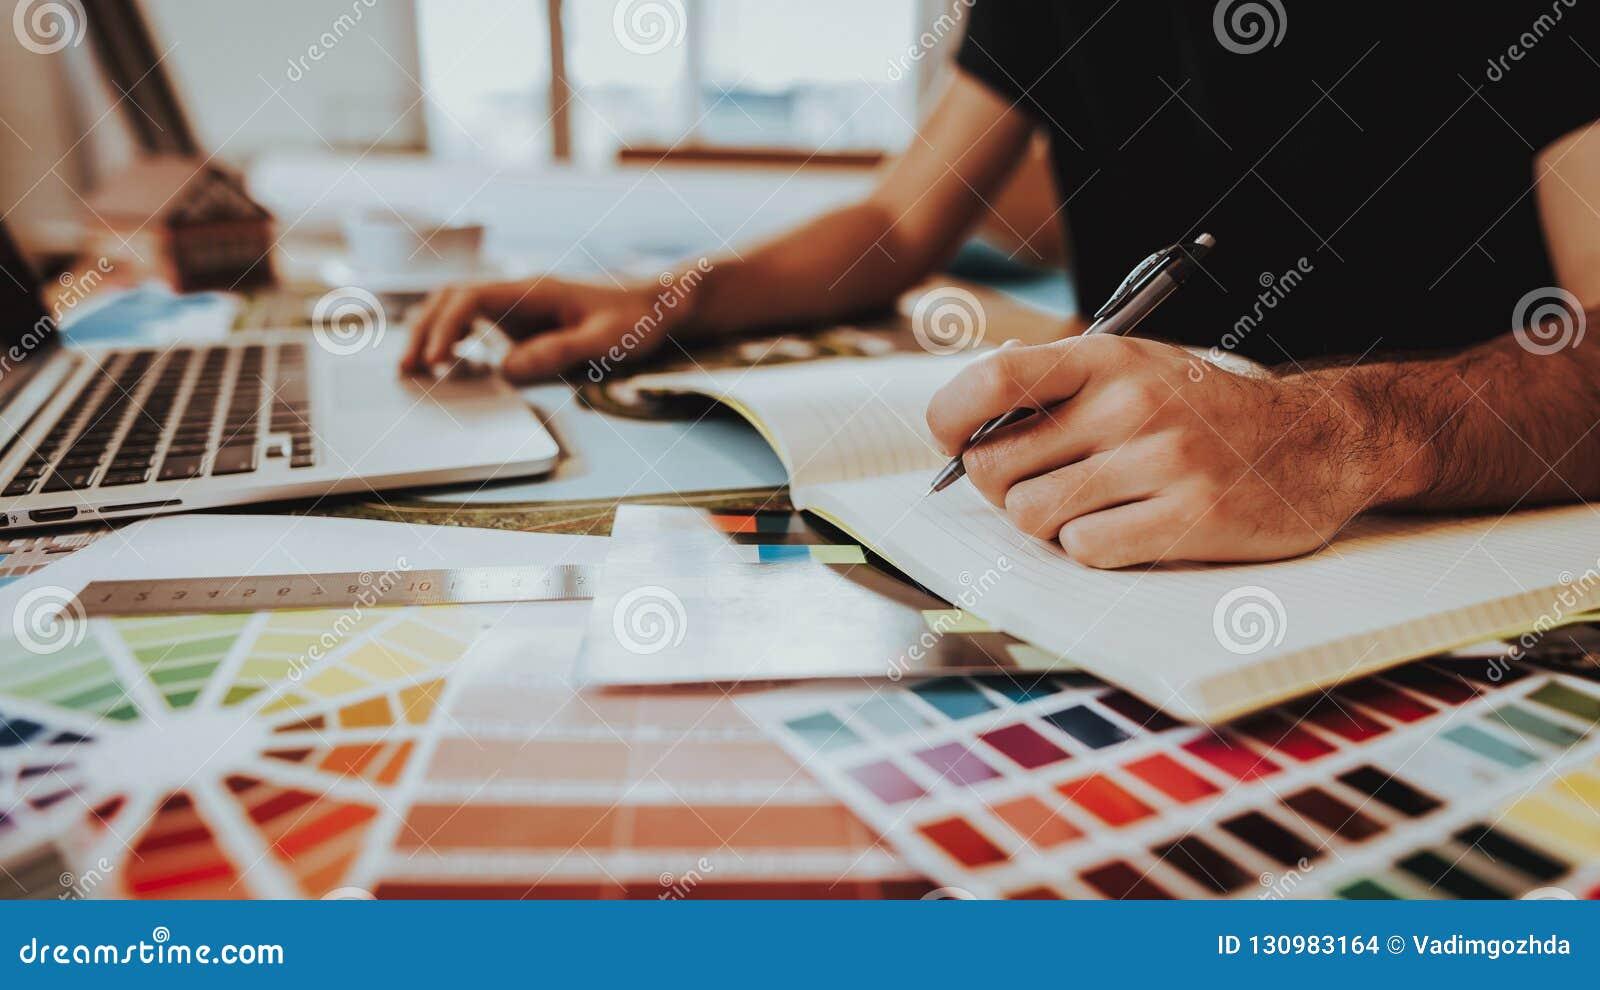 Zijaanzicht van Grafische Ontwerper Working op Project